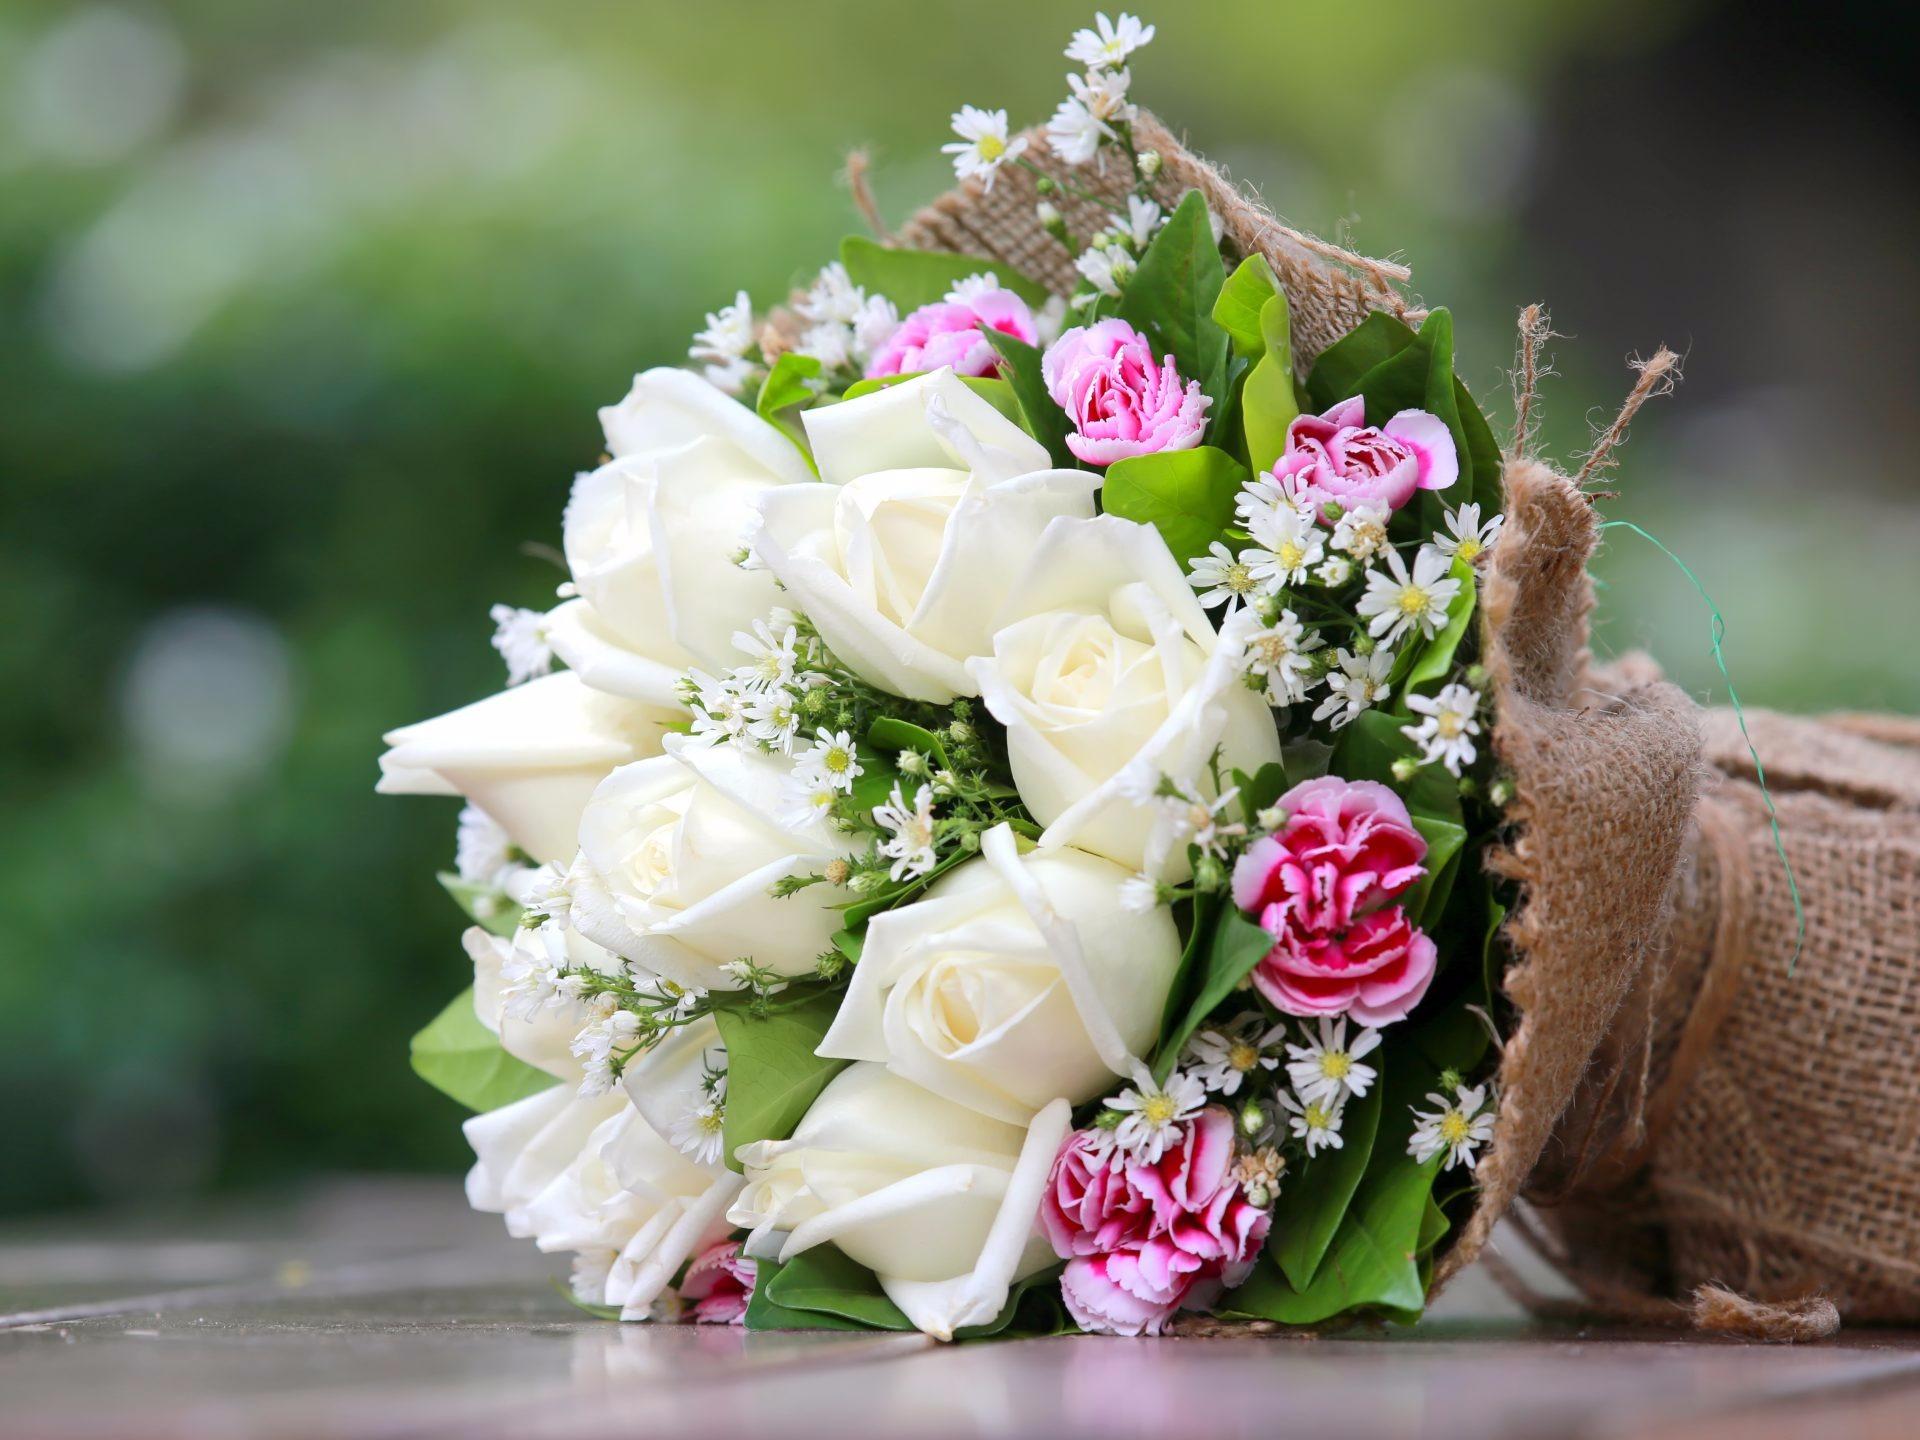 К чему снятся живые цветы — толкование в зависимости от вида, цвета, состояния цветков